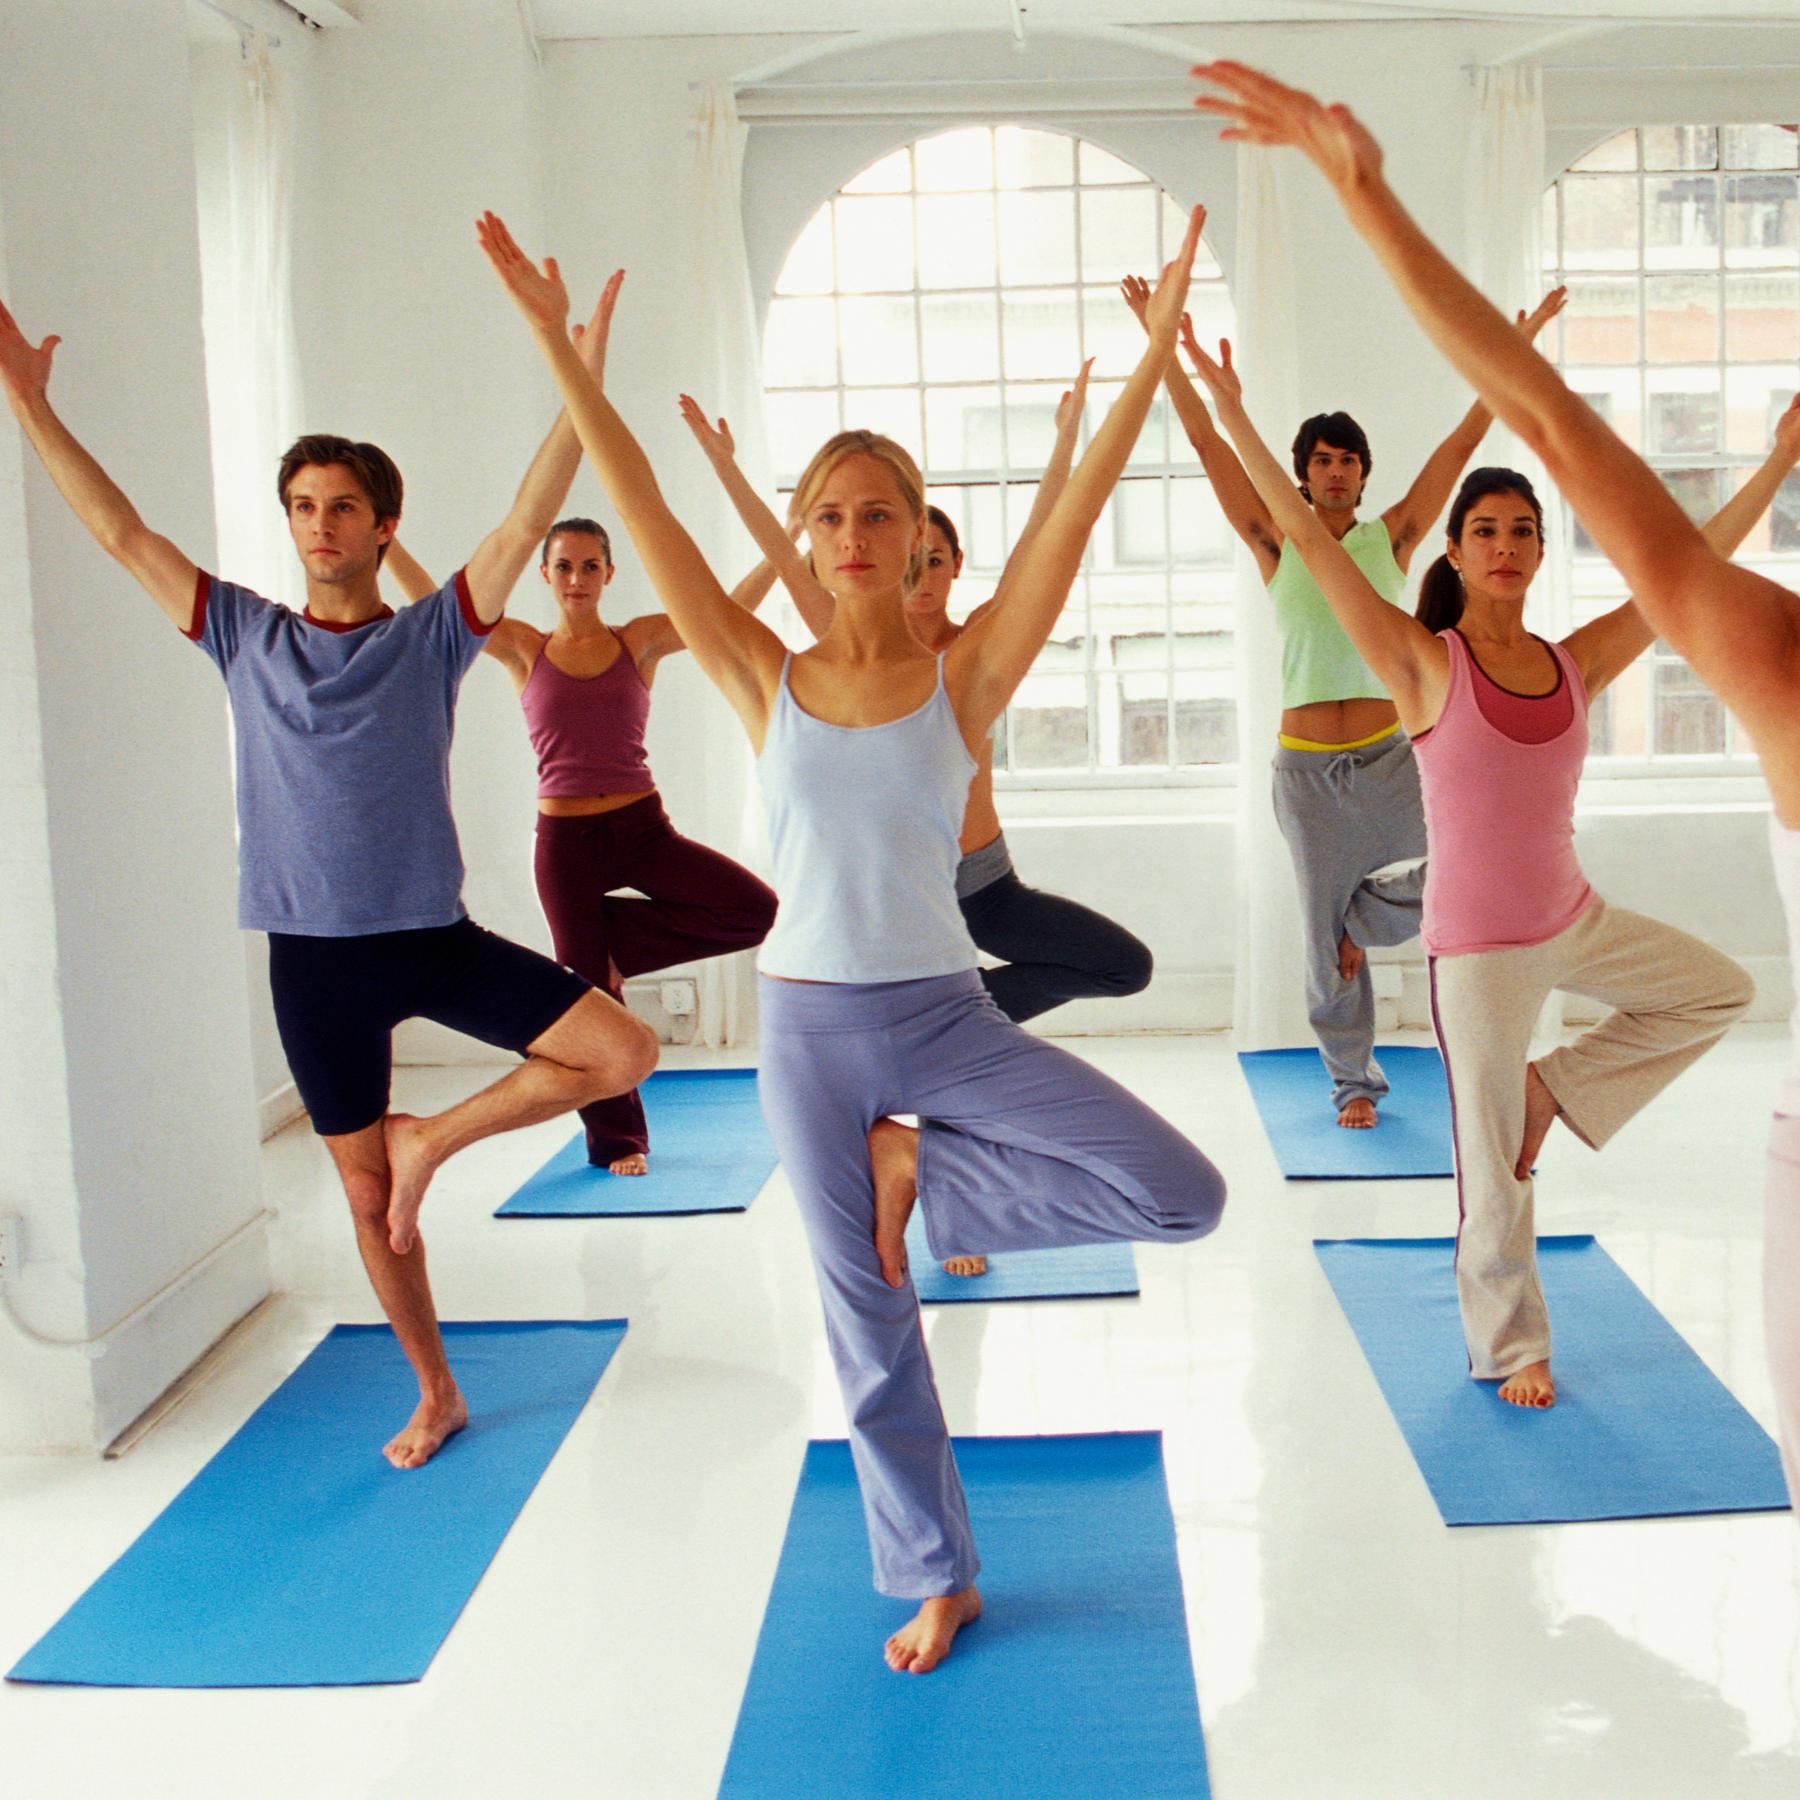 Yoga Class - Activities at tye Juice Haven